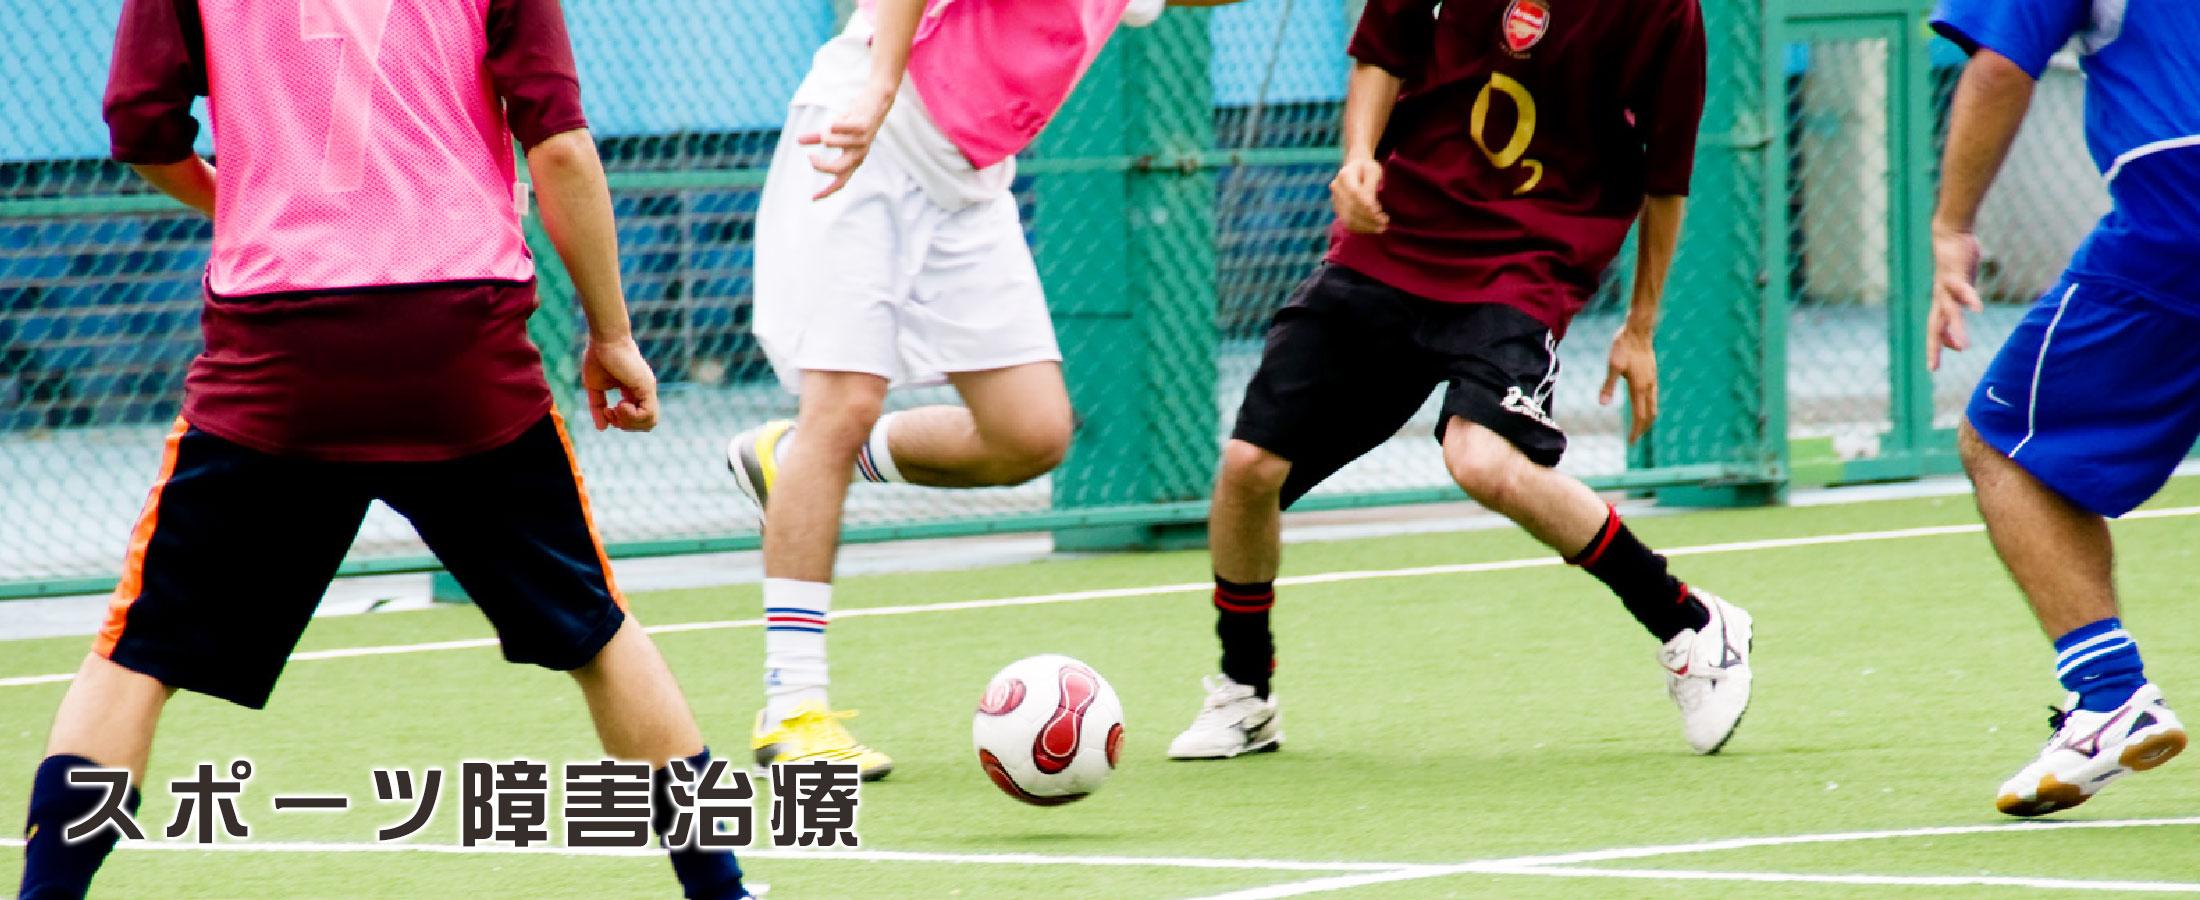 スポーツ整体